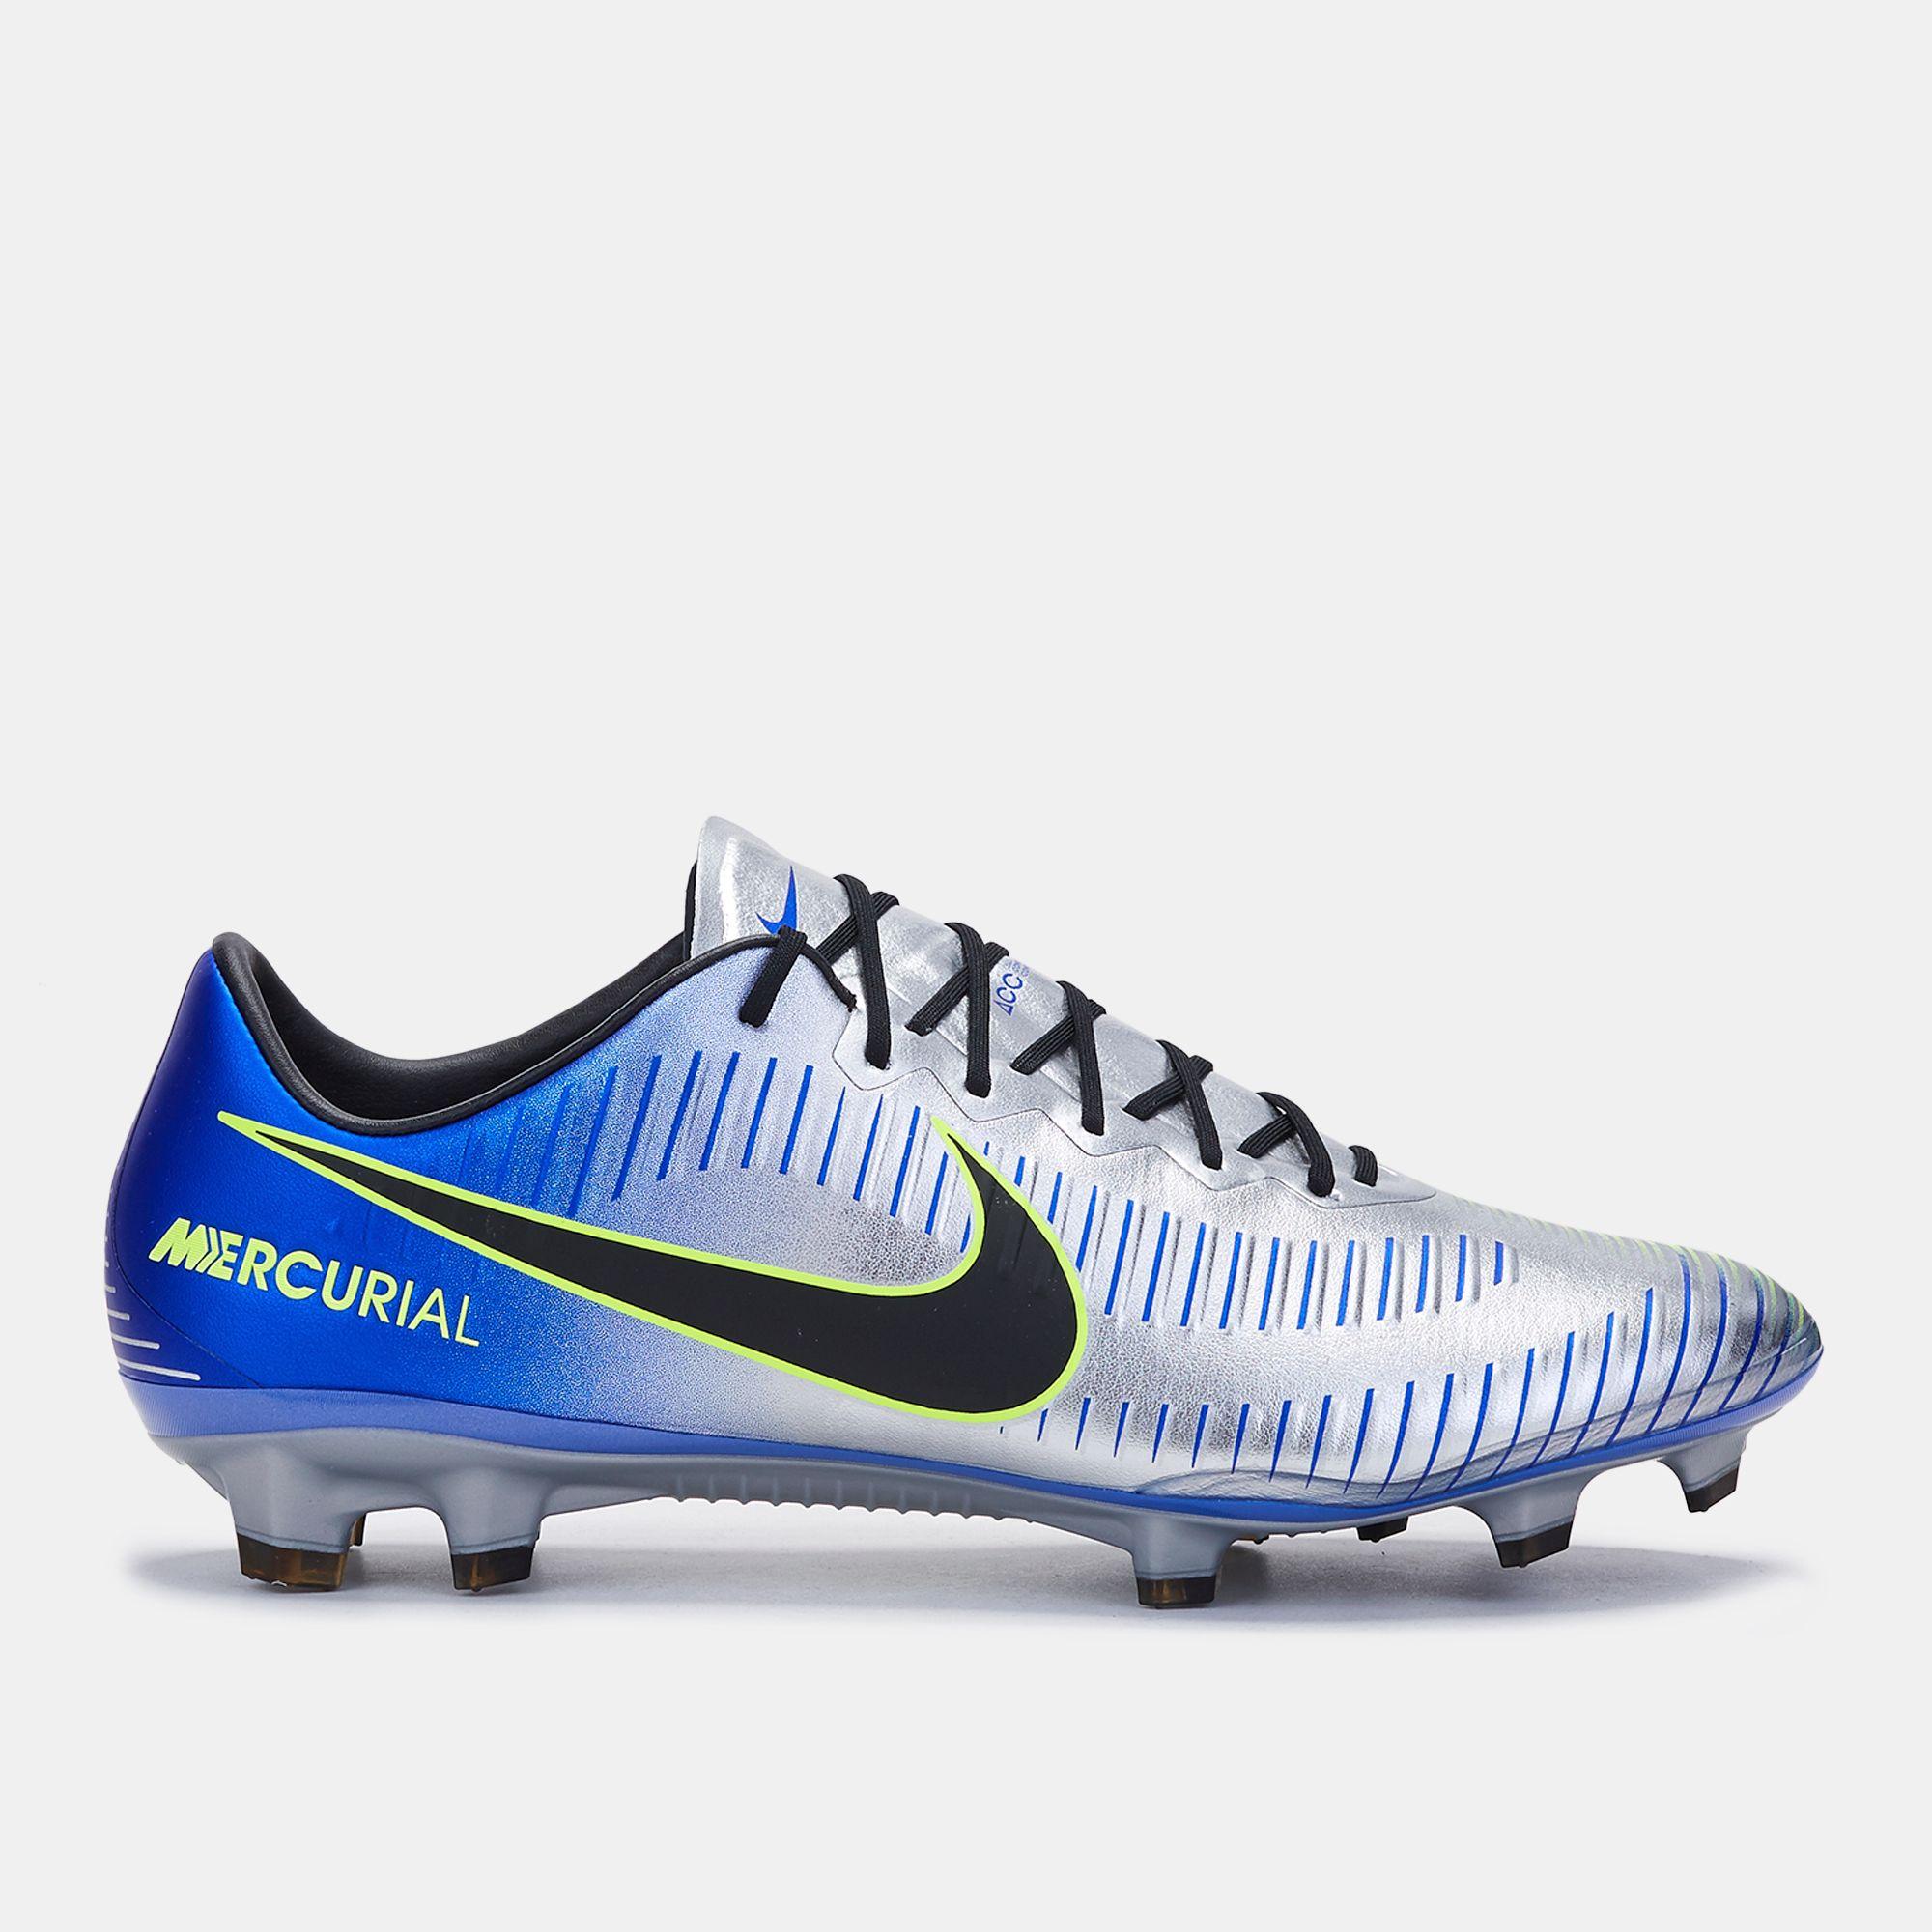 d6892d862a92a حذاء كرة القدم نيمار ميركوريال فيبور 6 لملاعب العشب الطبيعي من نايك ...